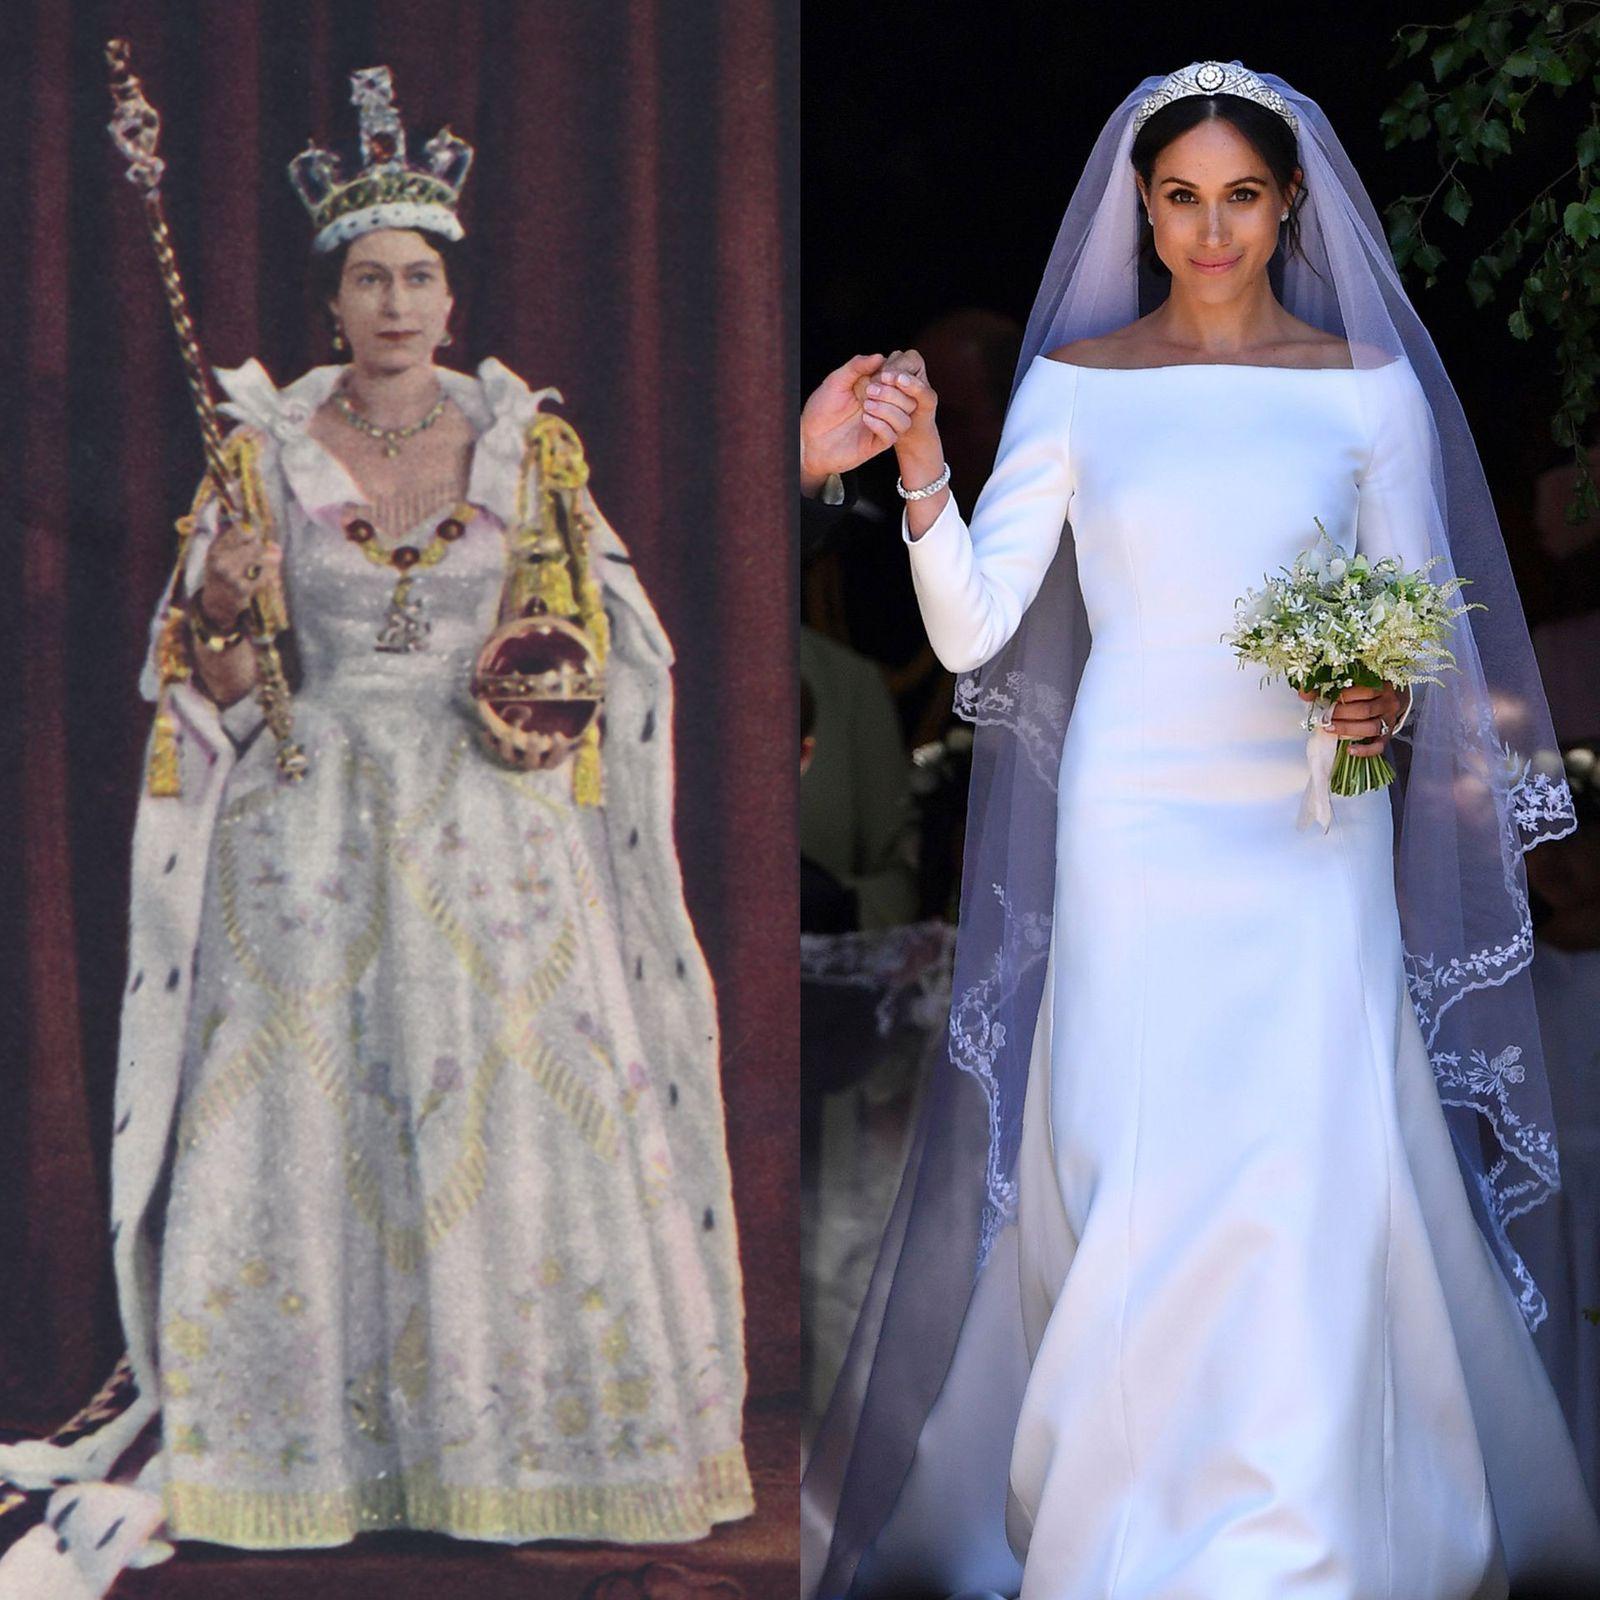 Queen Wedding: Meghan's Wedding Veil Was Inspired By Queen Elizabeth's